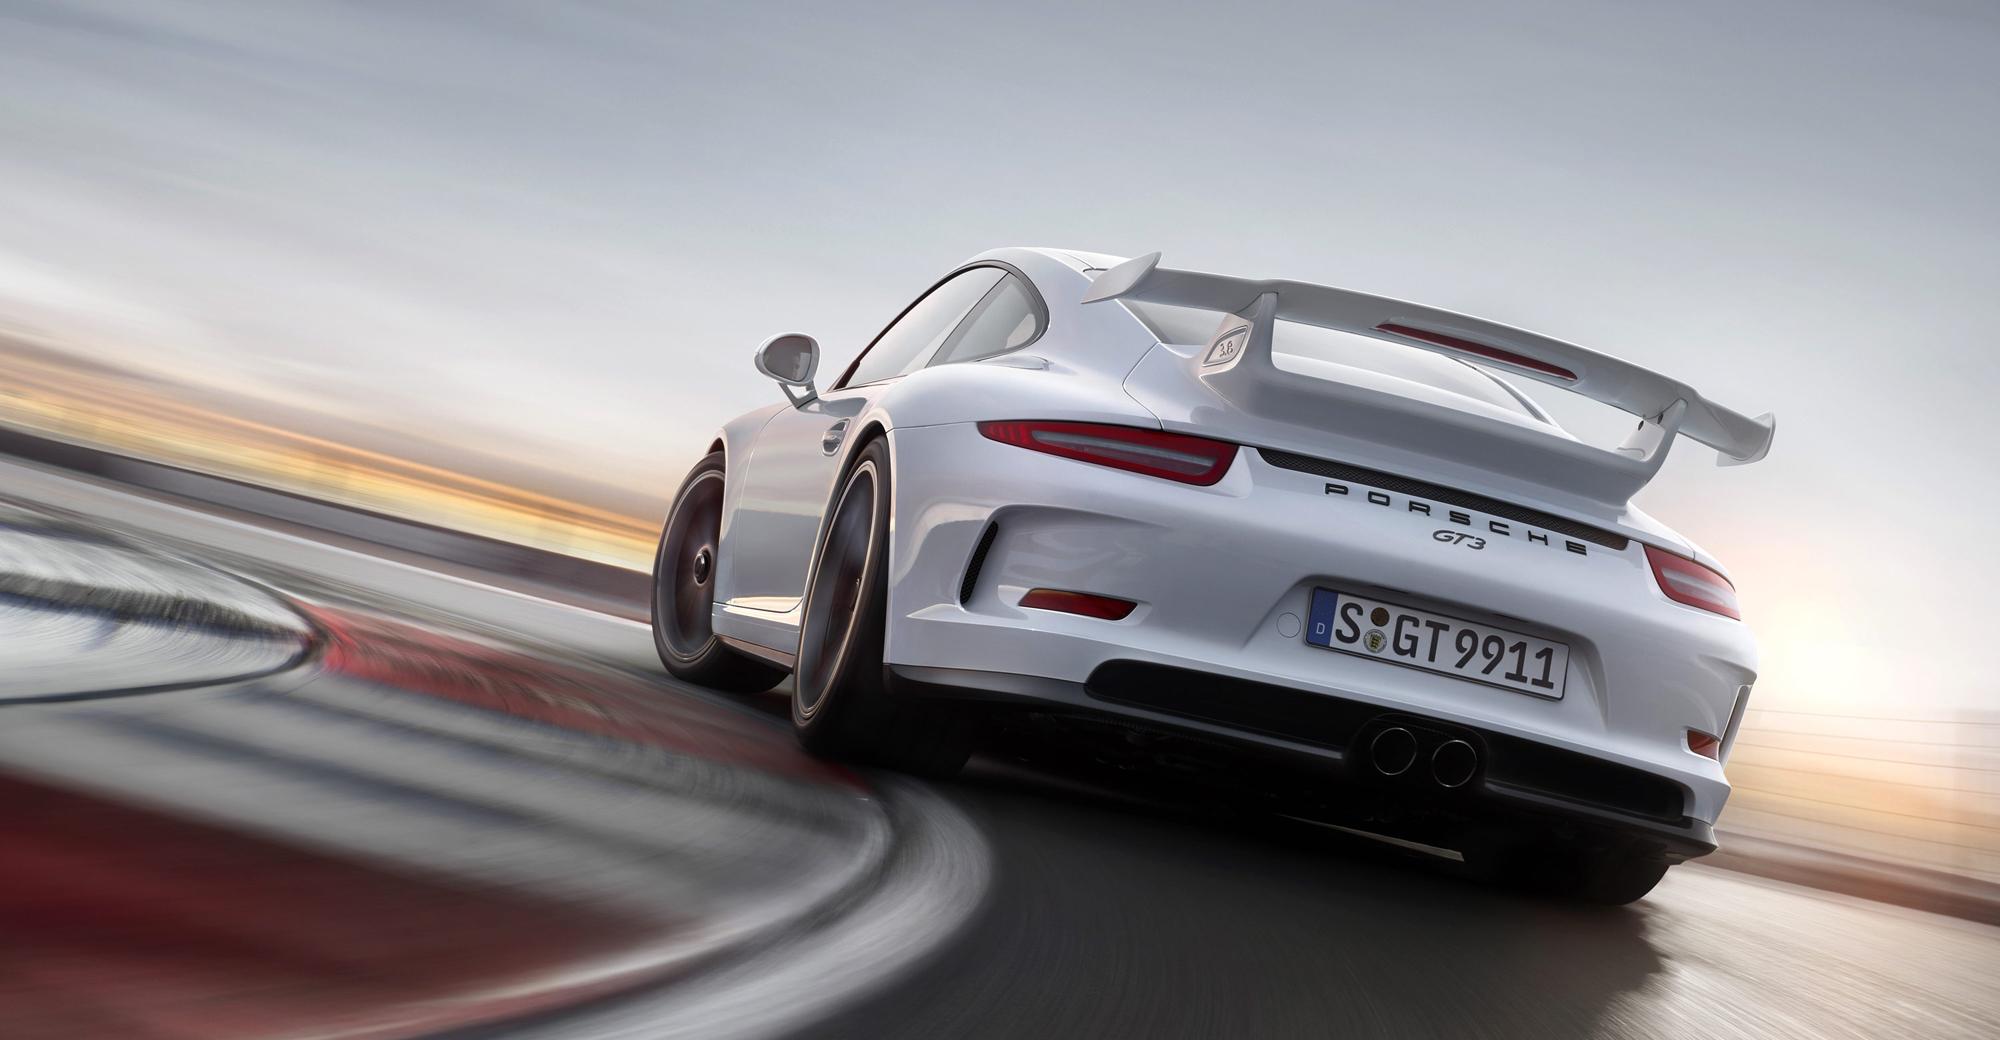 2014 Porsche 911 GT3 HD Wallpaper 2000x1040